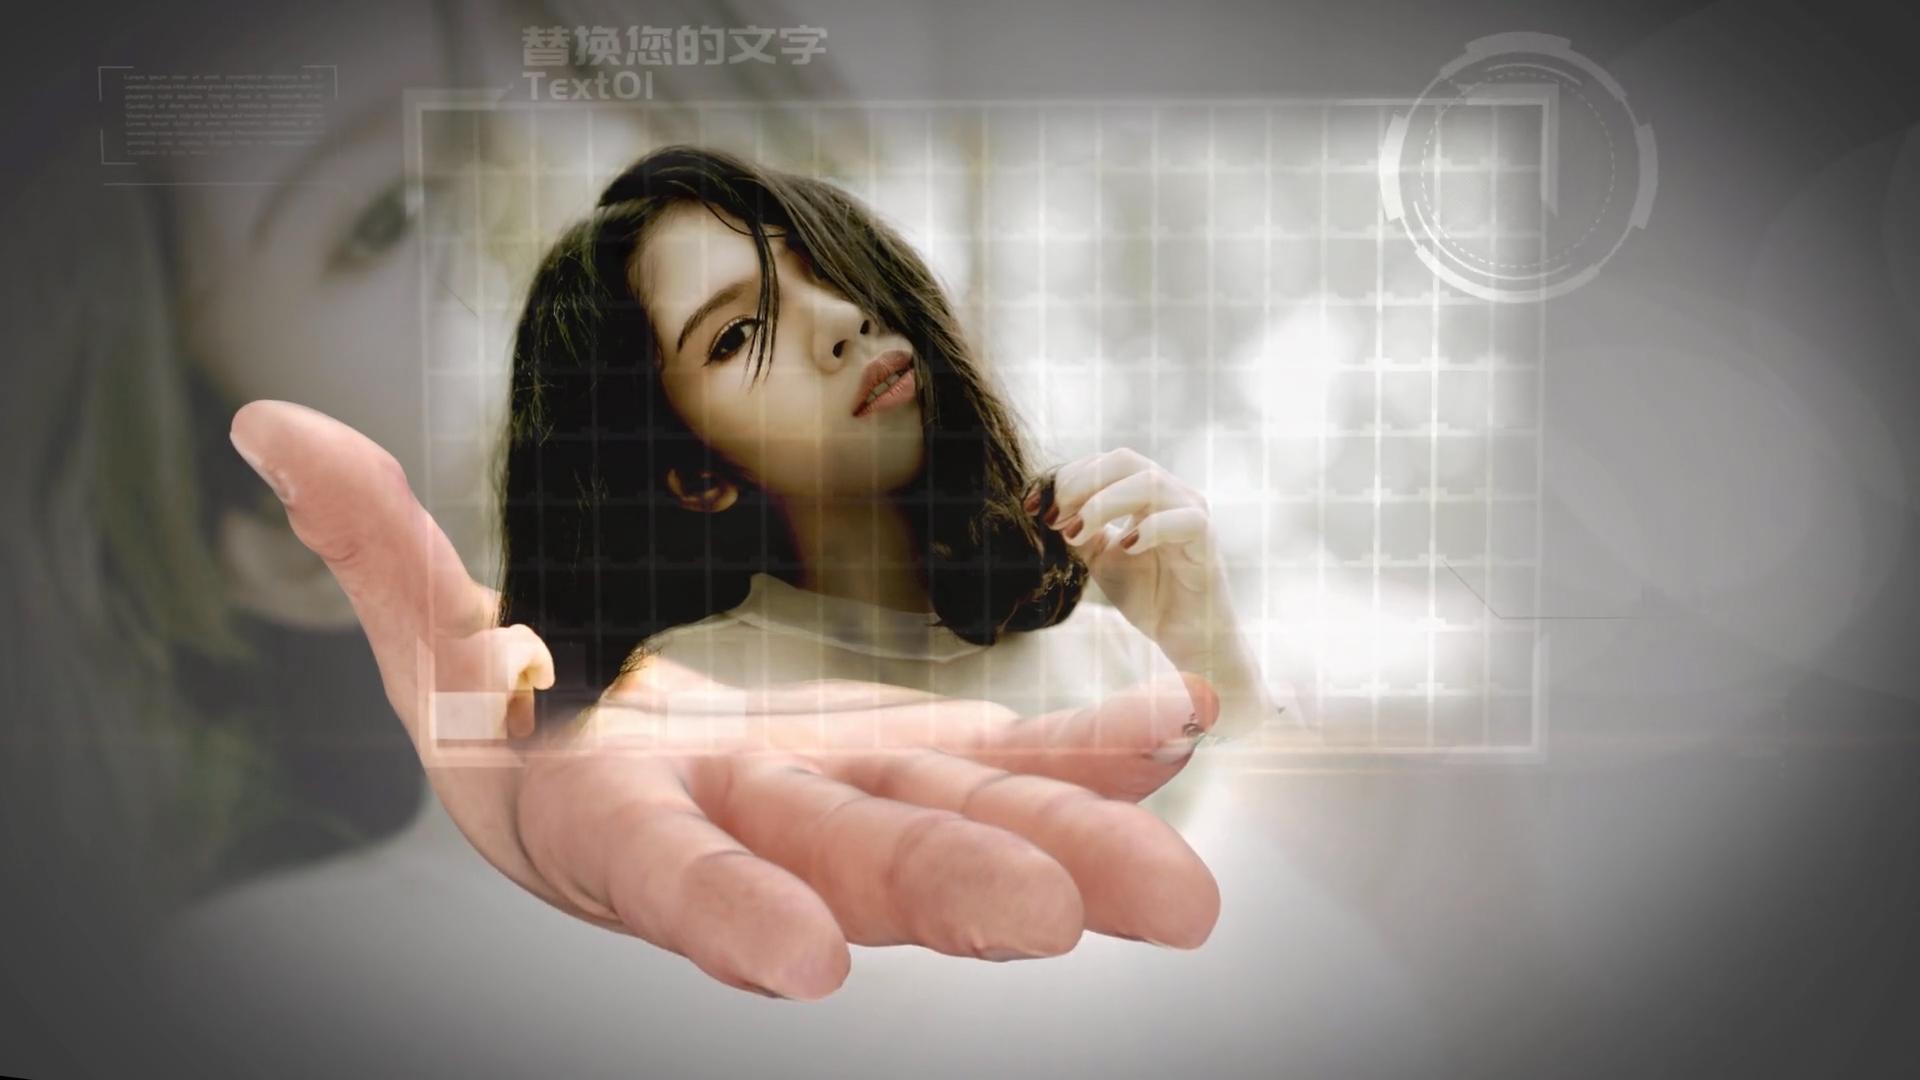 AE模版\-新版手掌企业科技图文互动掌上图片切换